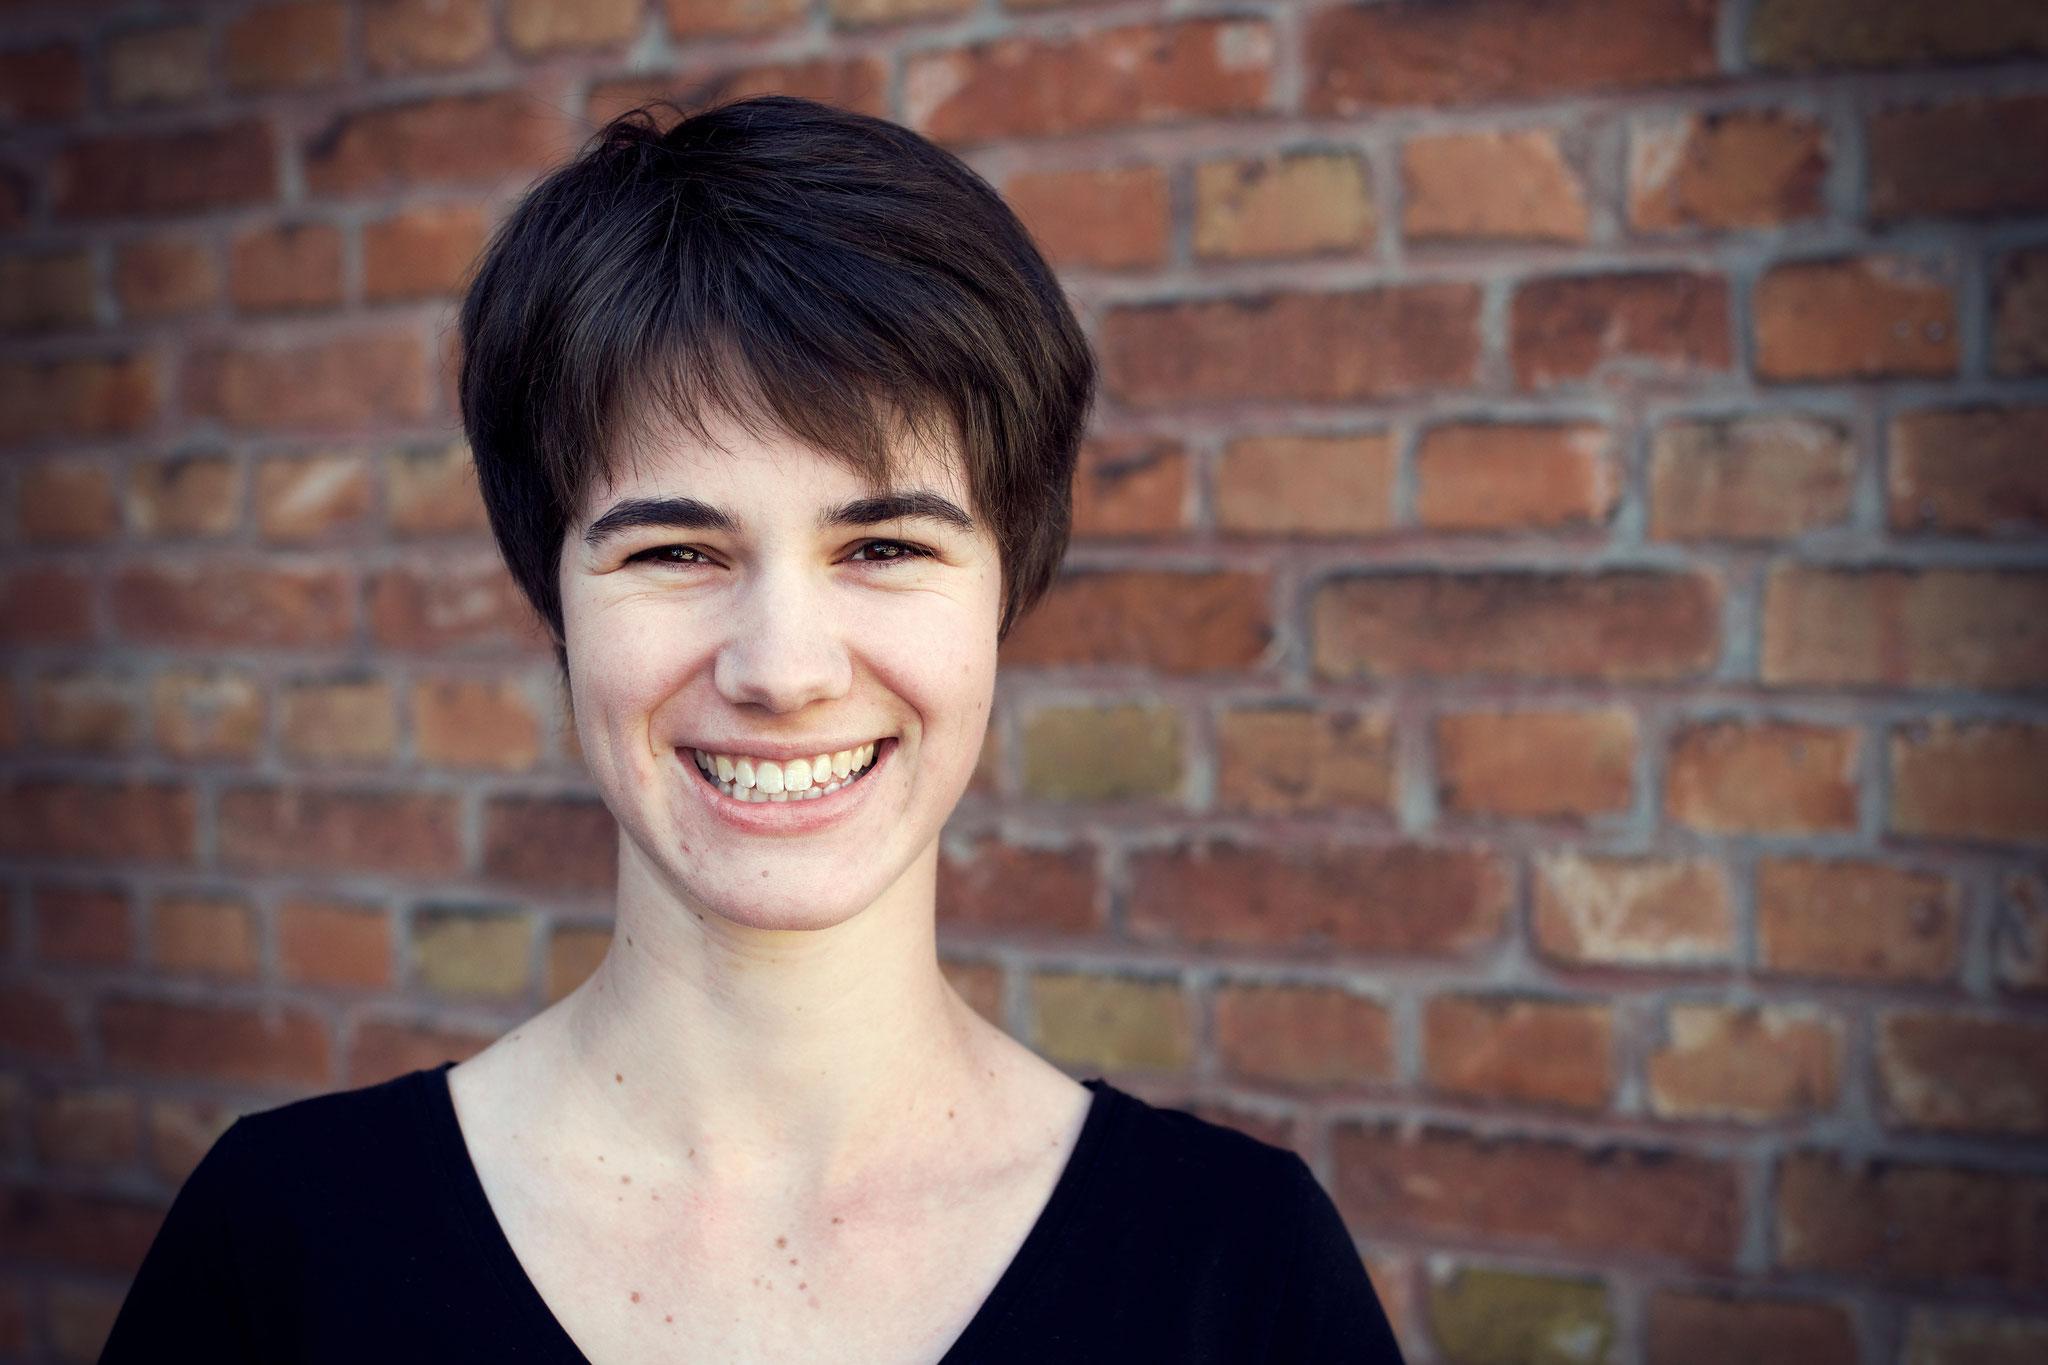 Lena Leite: Journalistin. Bei AdN: Redakteurin. Stärke: kann gut zuhören; Makel: denkt manchmal zu viel nach, bevor sie handelt (aber arbeitet dran)